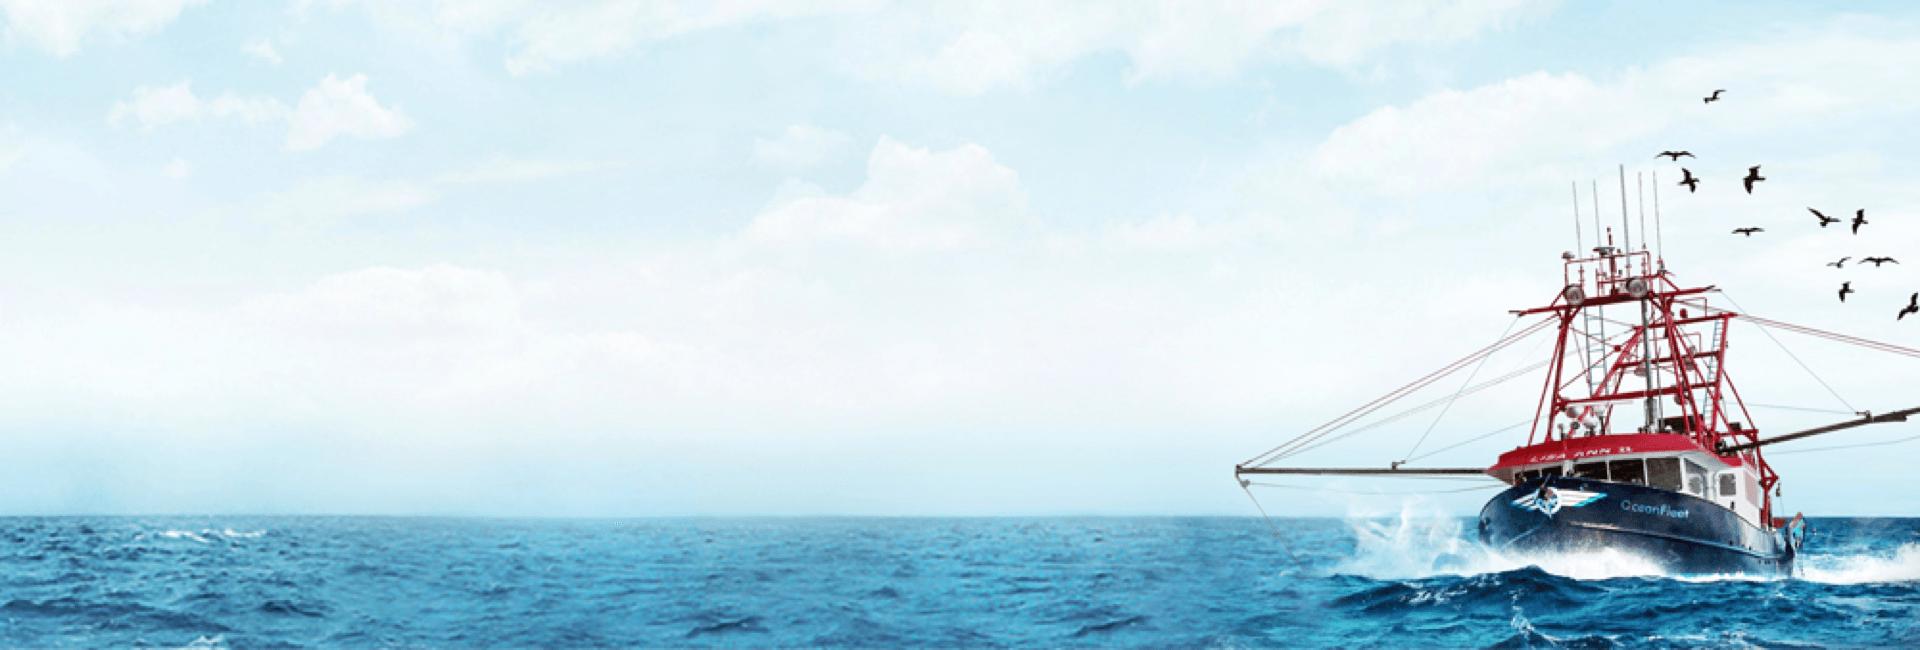 Oceanfleet